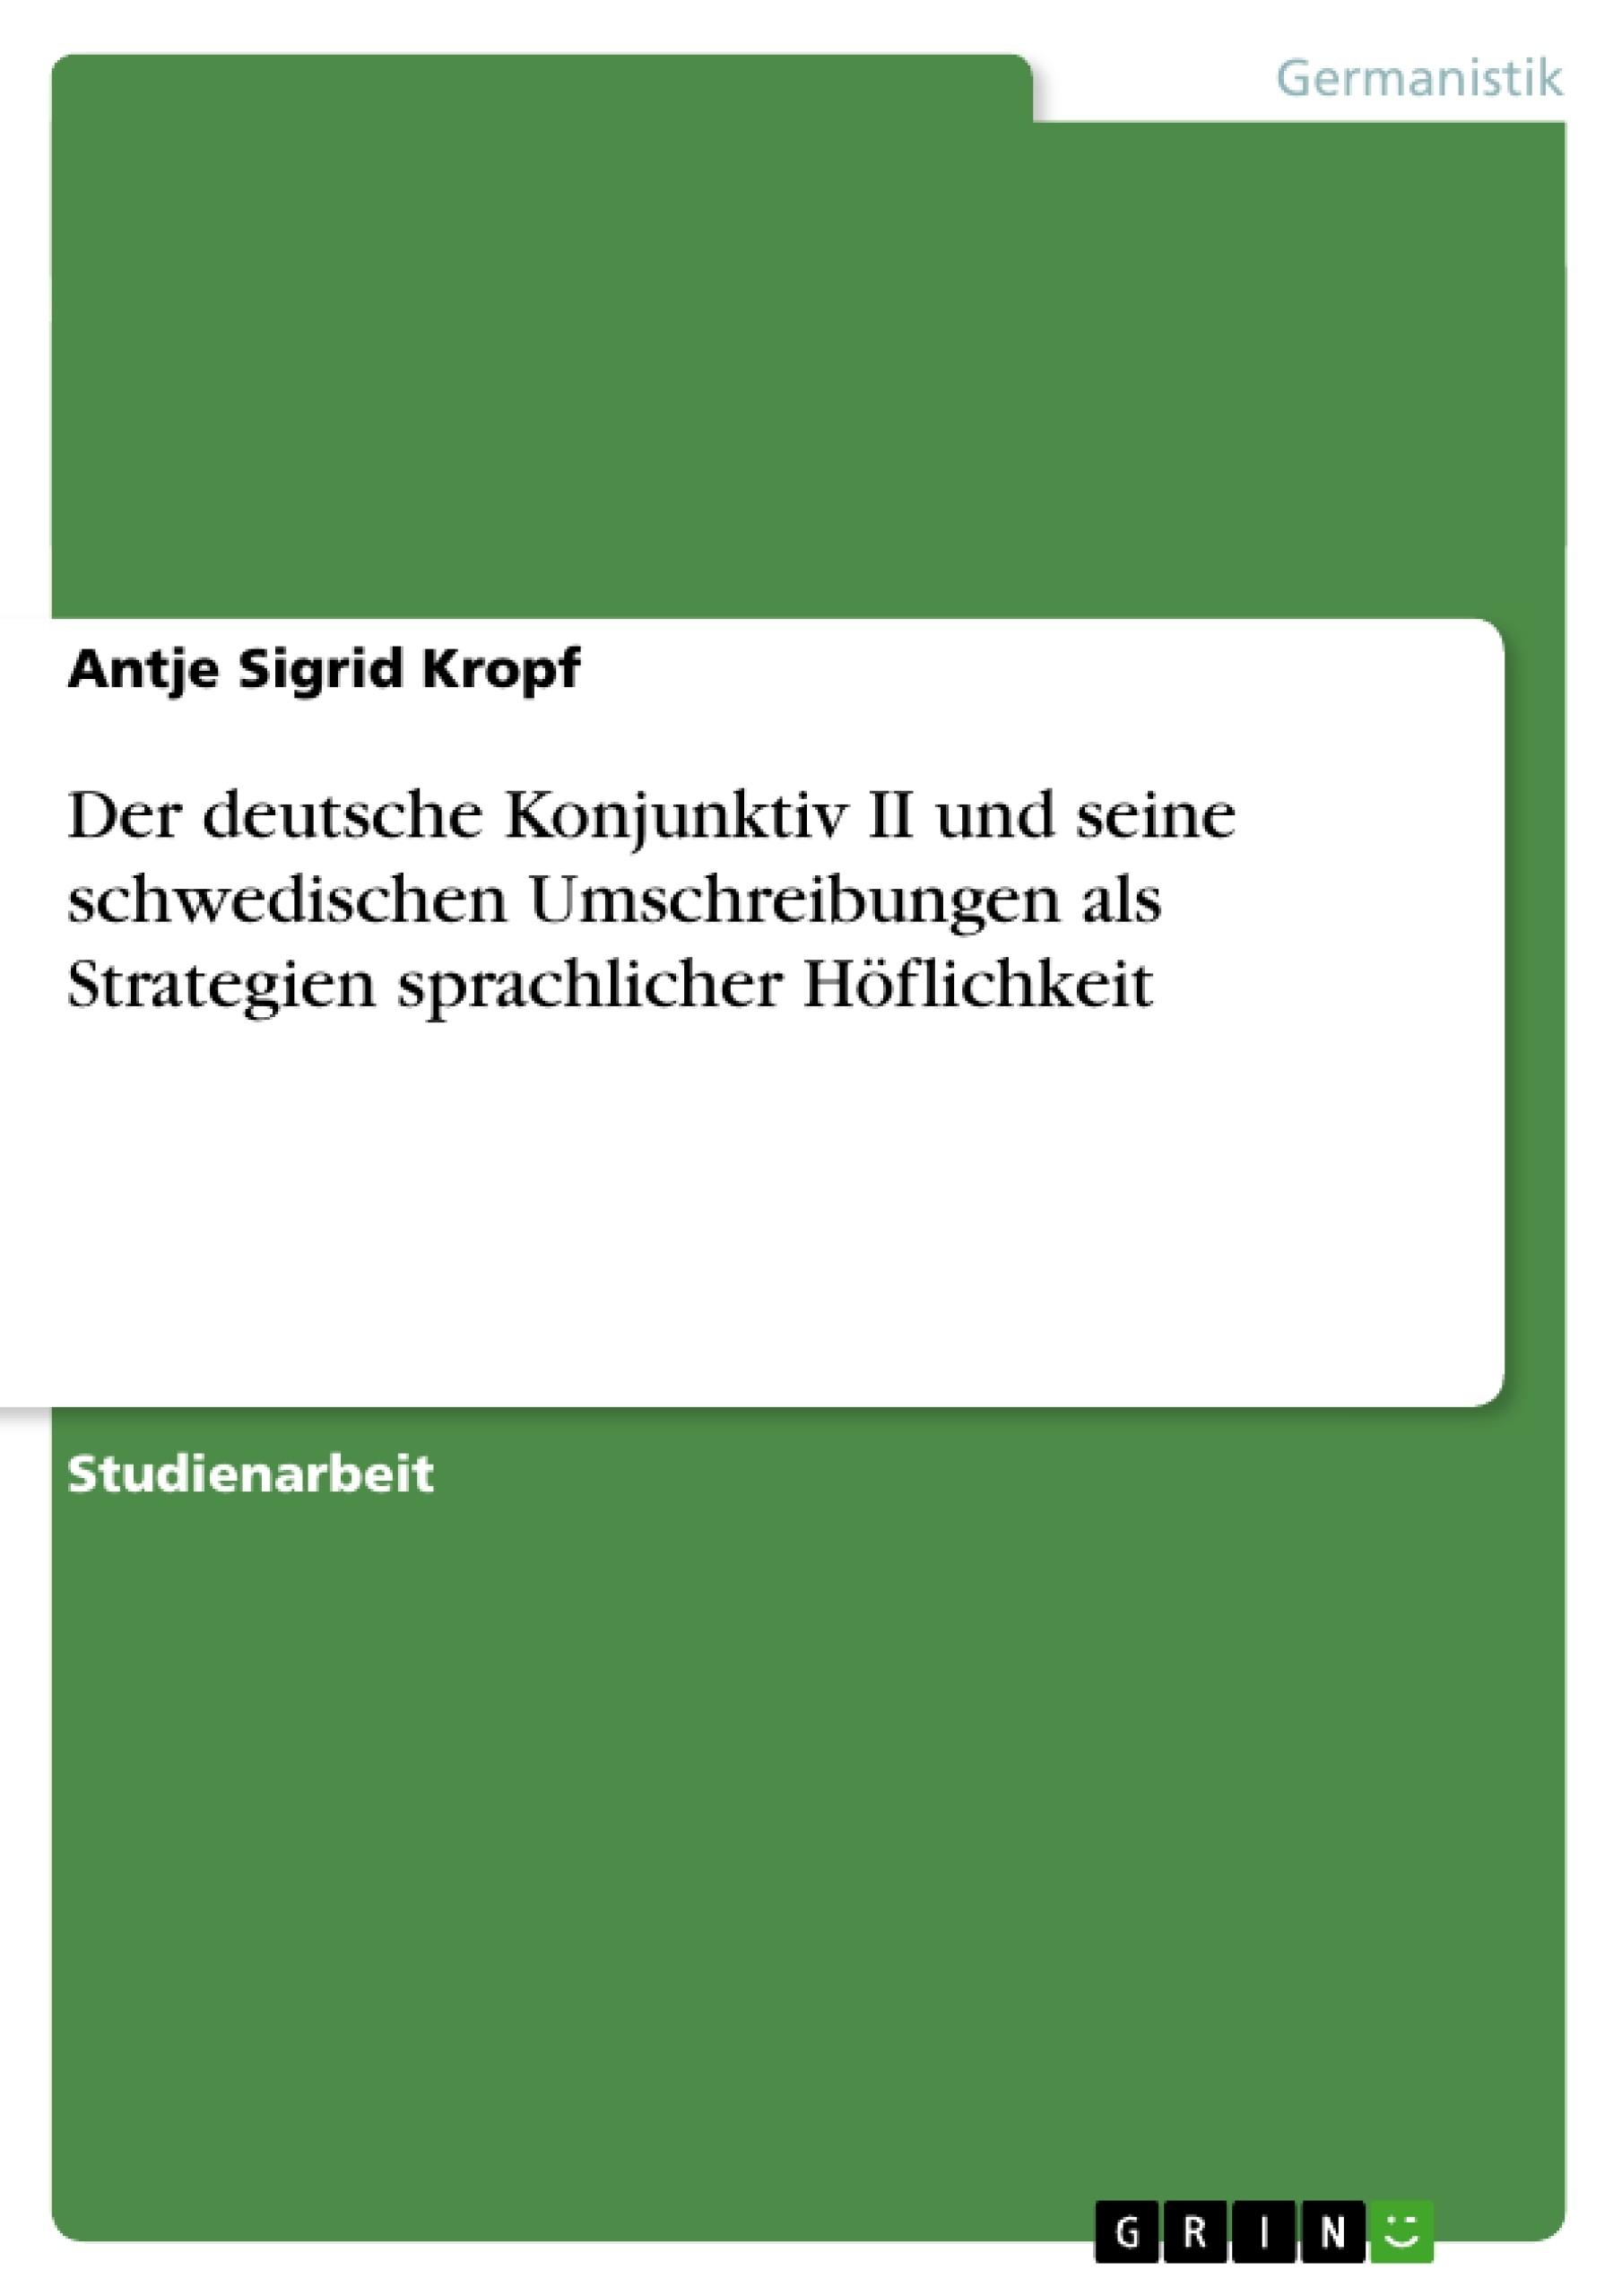 Titel: Der deutsche Konjunktiv II und seine schwedischen Umschreibungen als Strategien sprachlicher Höflichkeit